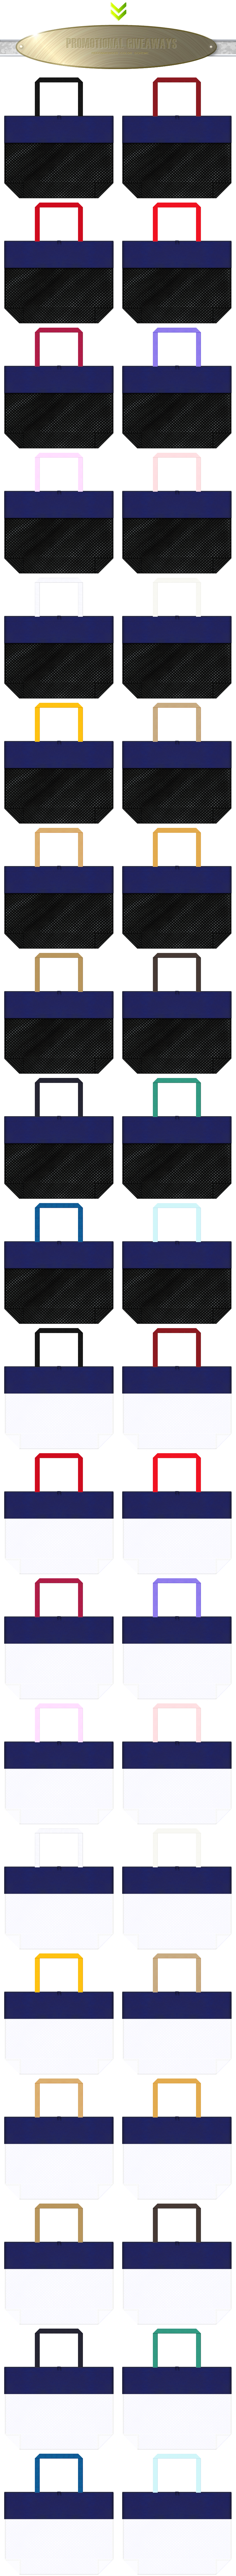 黒色メッシュ・白色メッシュと紺色の不織布をメインに使用した、台形型メッシュバッグのカラーシミュレーション